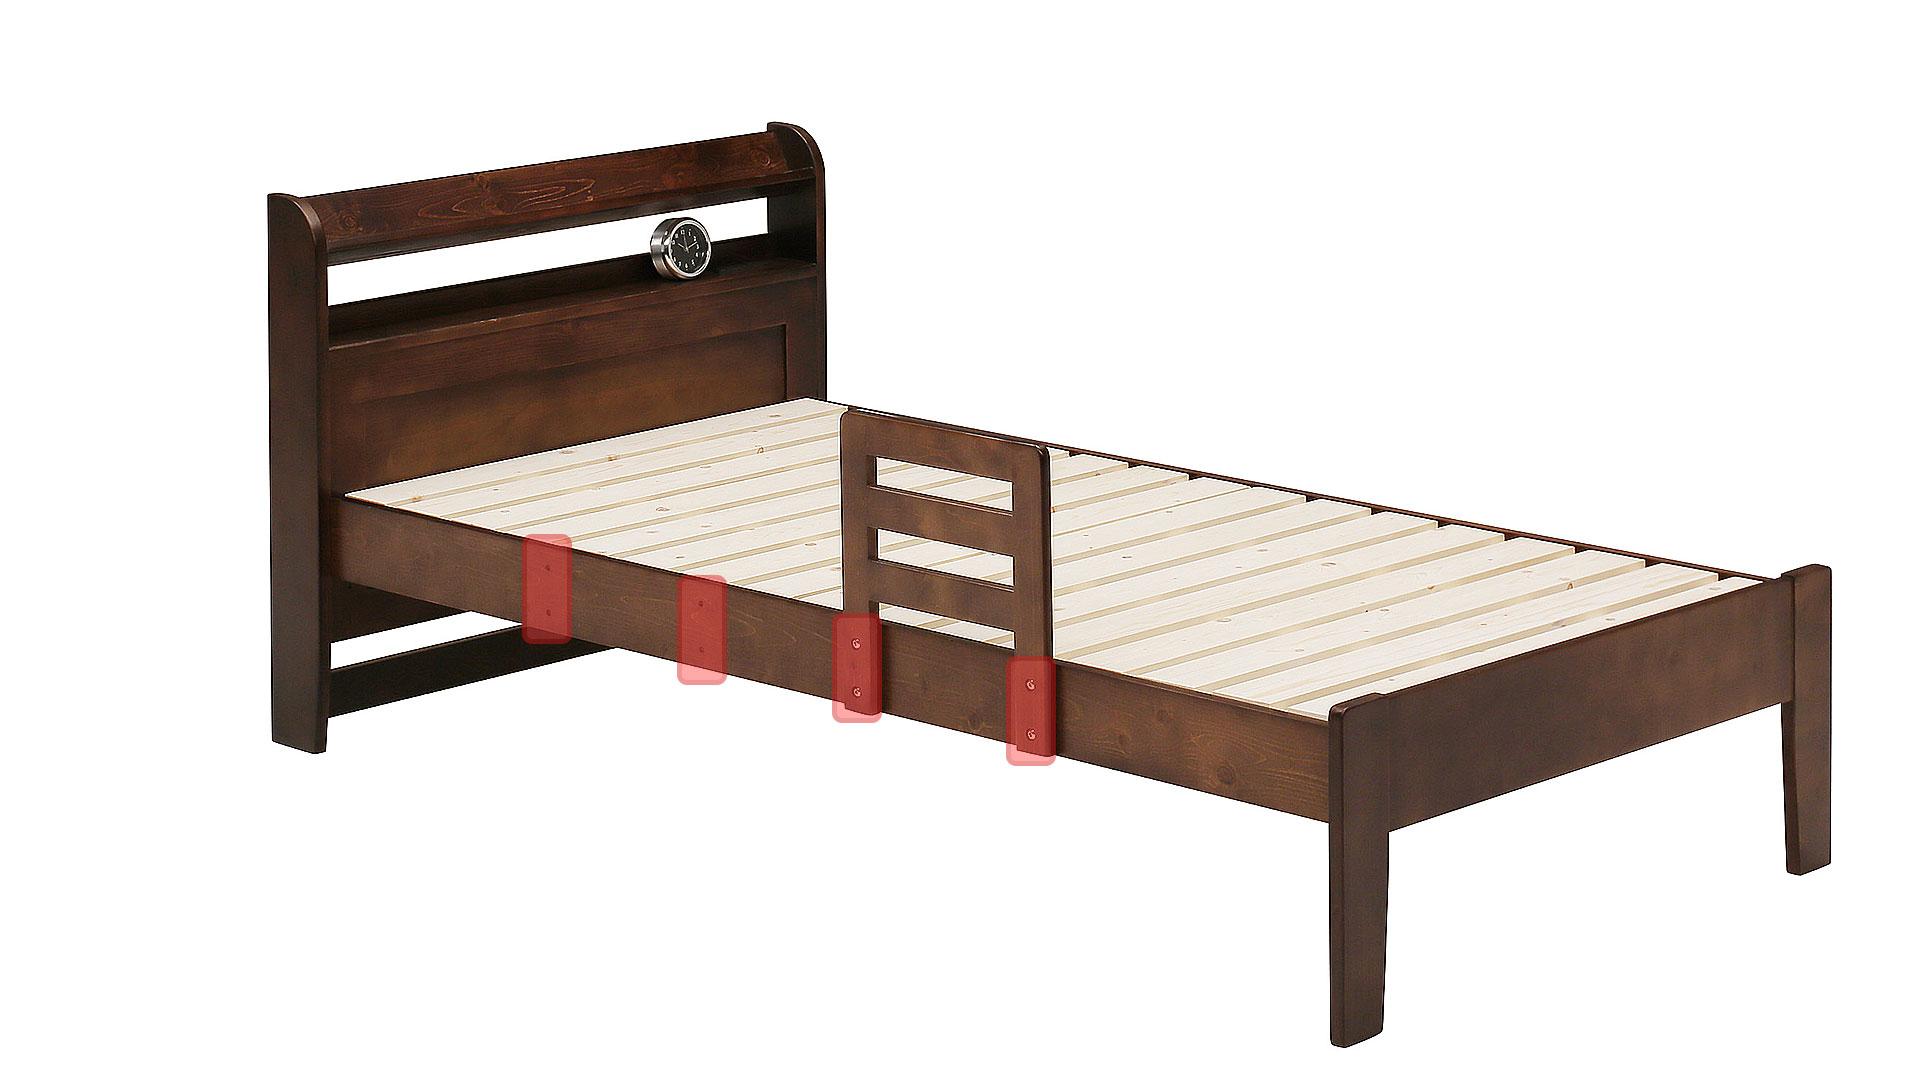 リビンズのベッドフレーム「マーチン」のサイドガードの画像